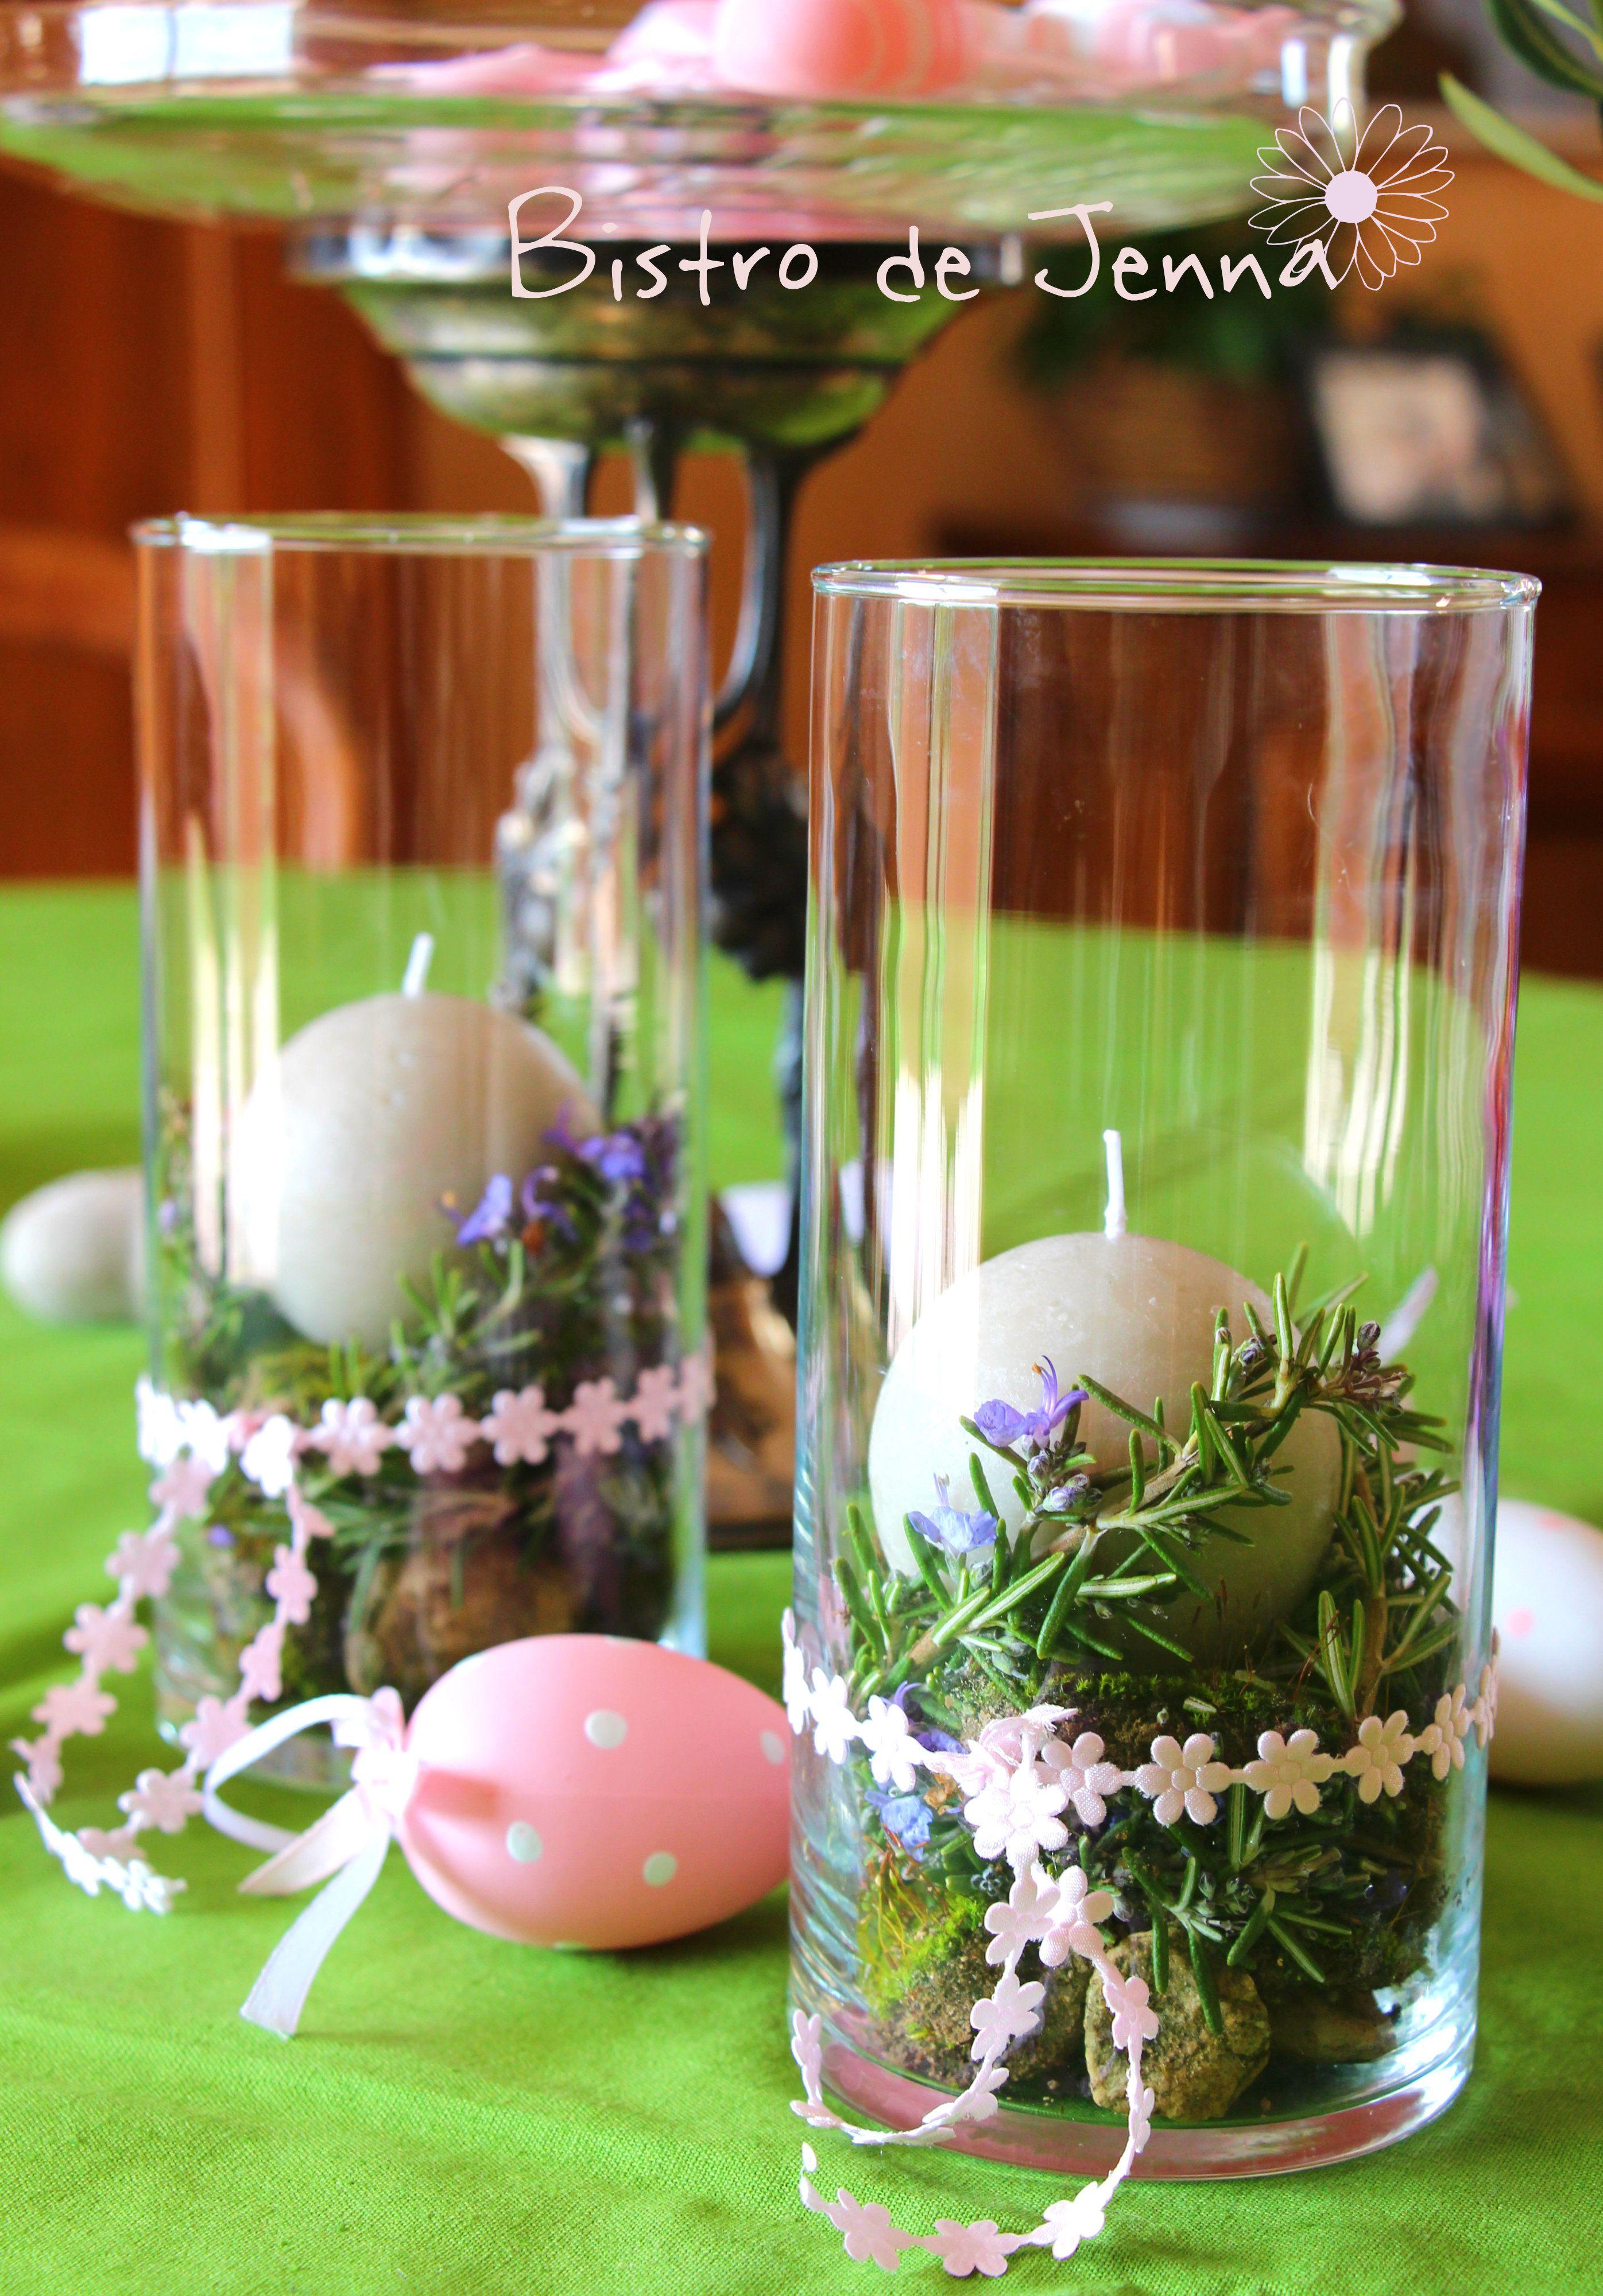 Romarin decoration bougies  By///Jenna Maksymiuk